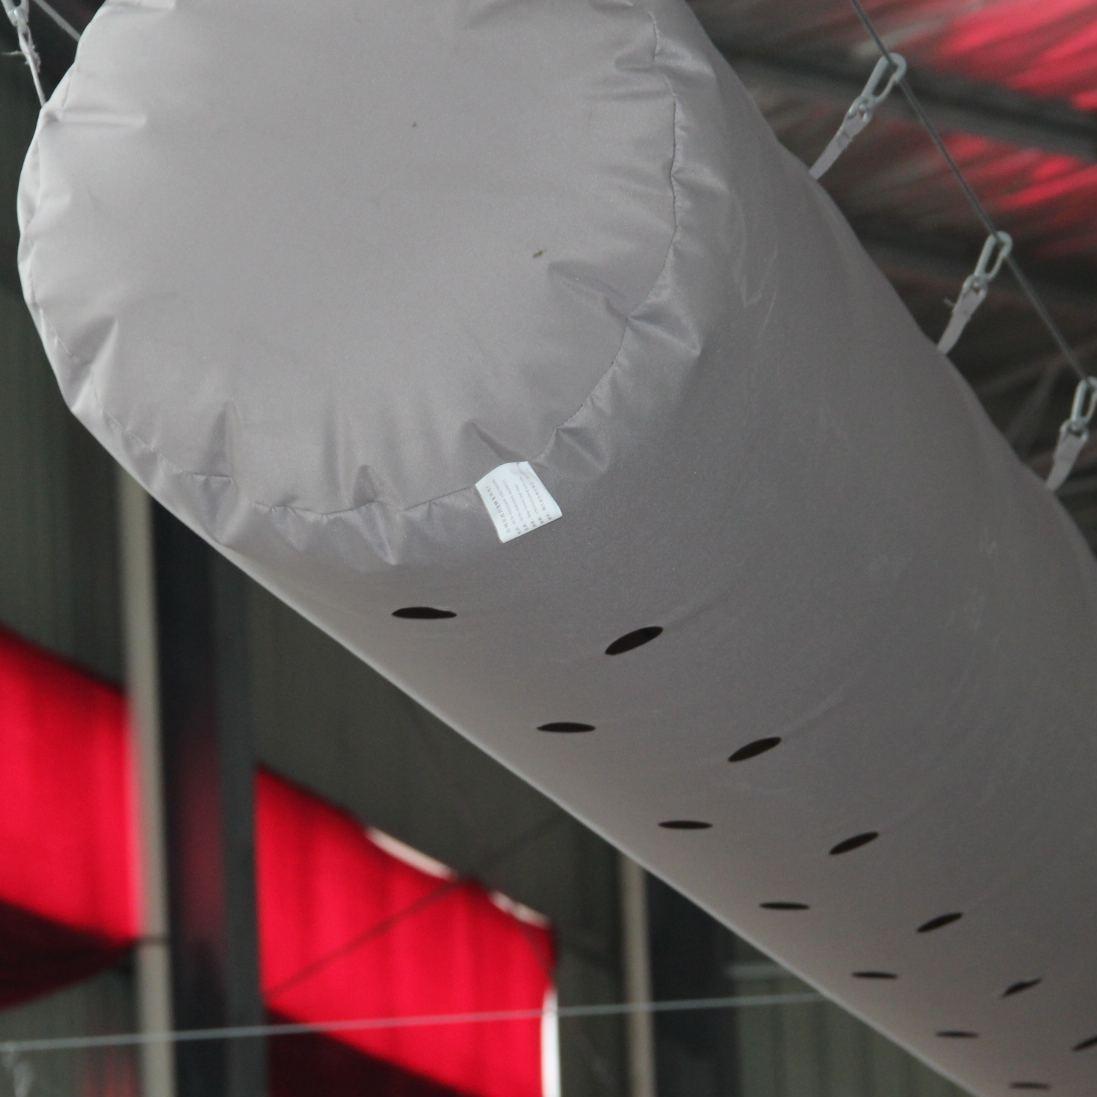 Система ОВКВ, бактериальная ткань, воздуховод, антистатический 1000d огнестойкий ПВХ брезентовый материал, воздуховод